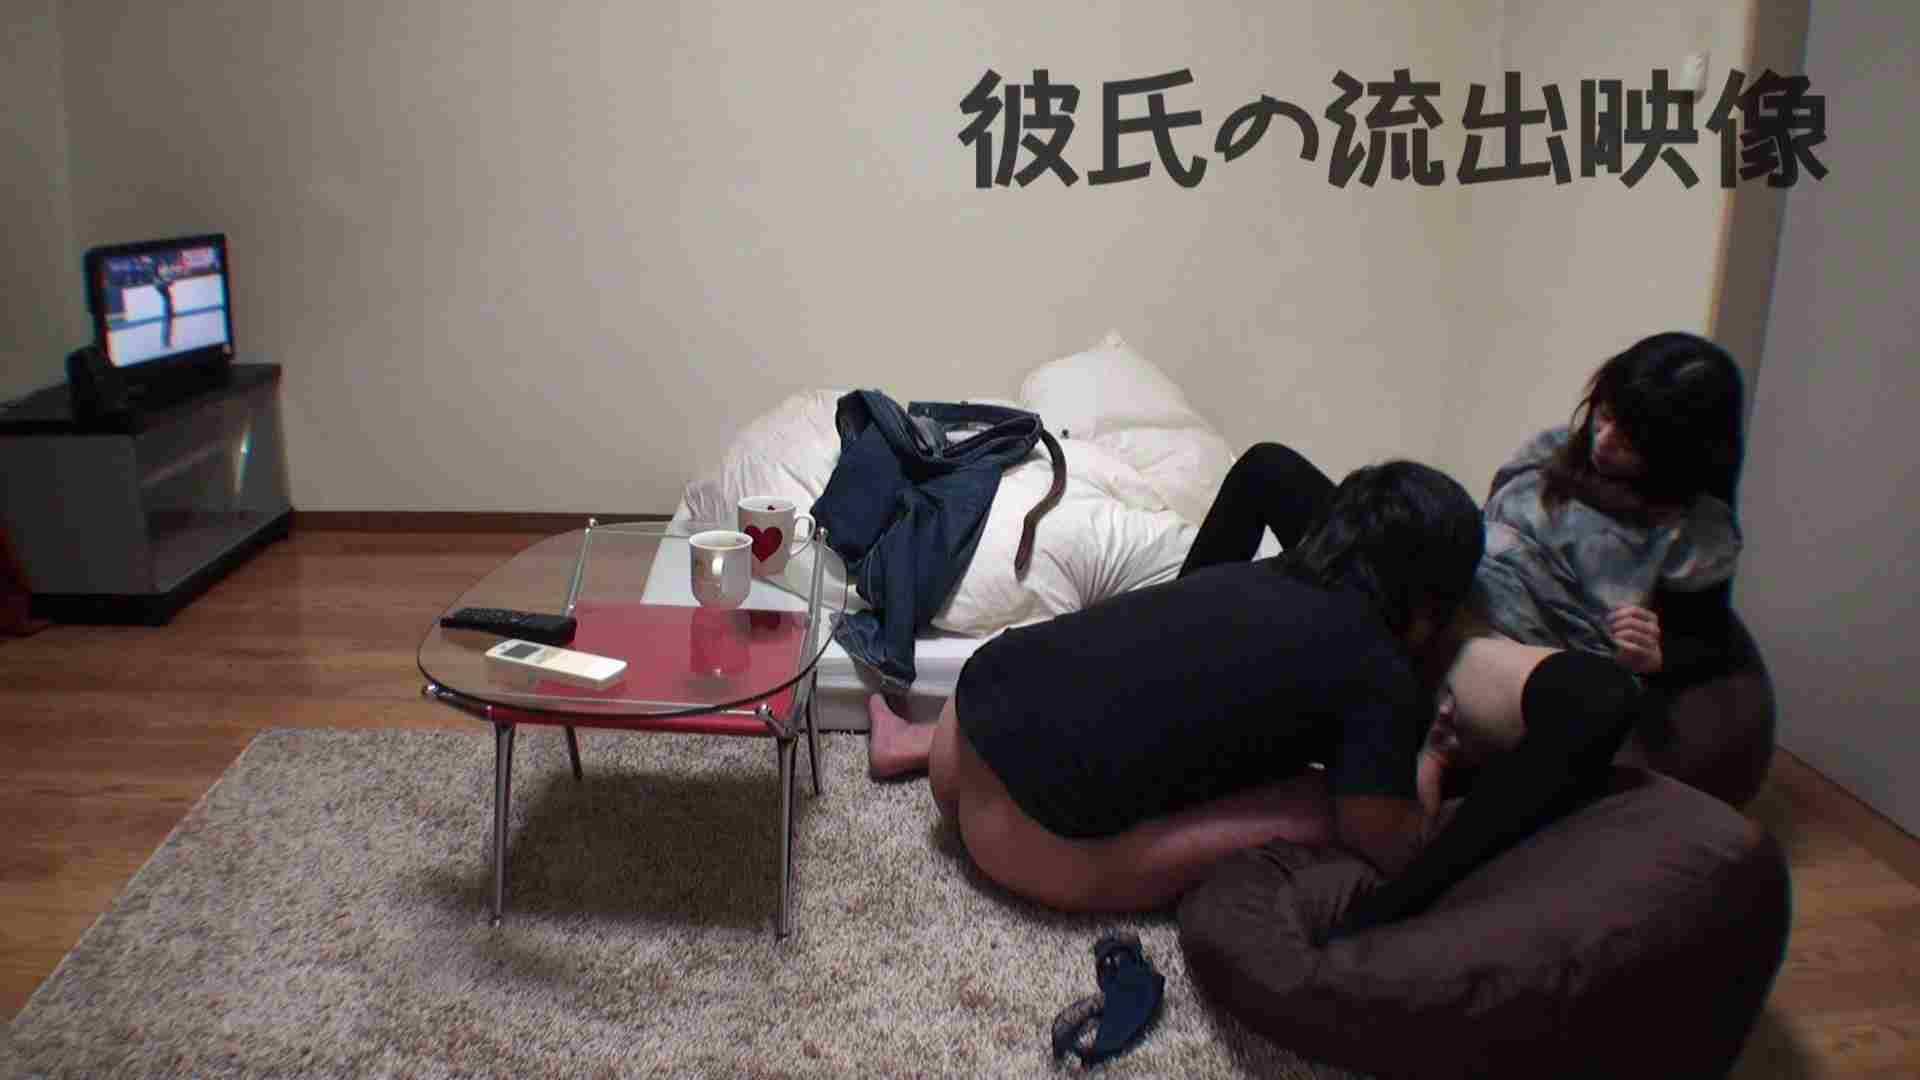 彼氏が流出 パイパン素人嬢のハメ撮り映像02 一般投稿 | ギャル達のSEX  61画像 16